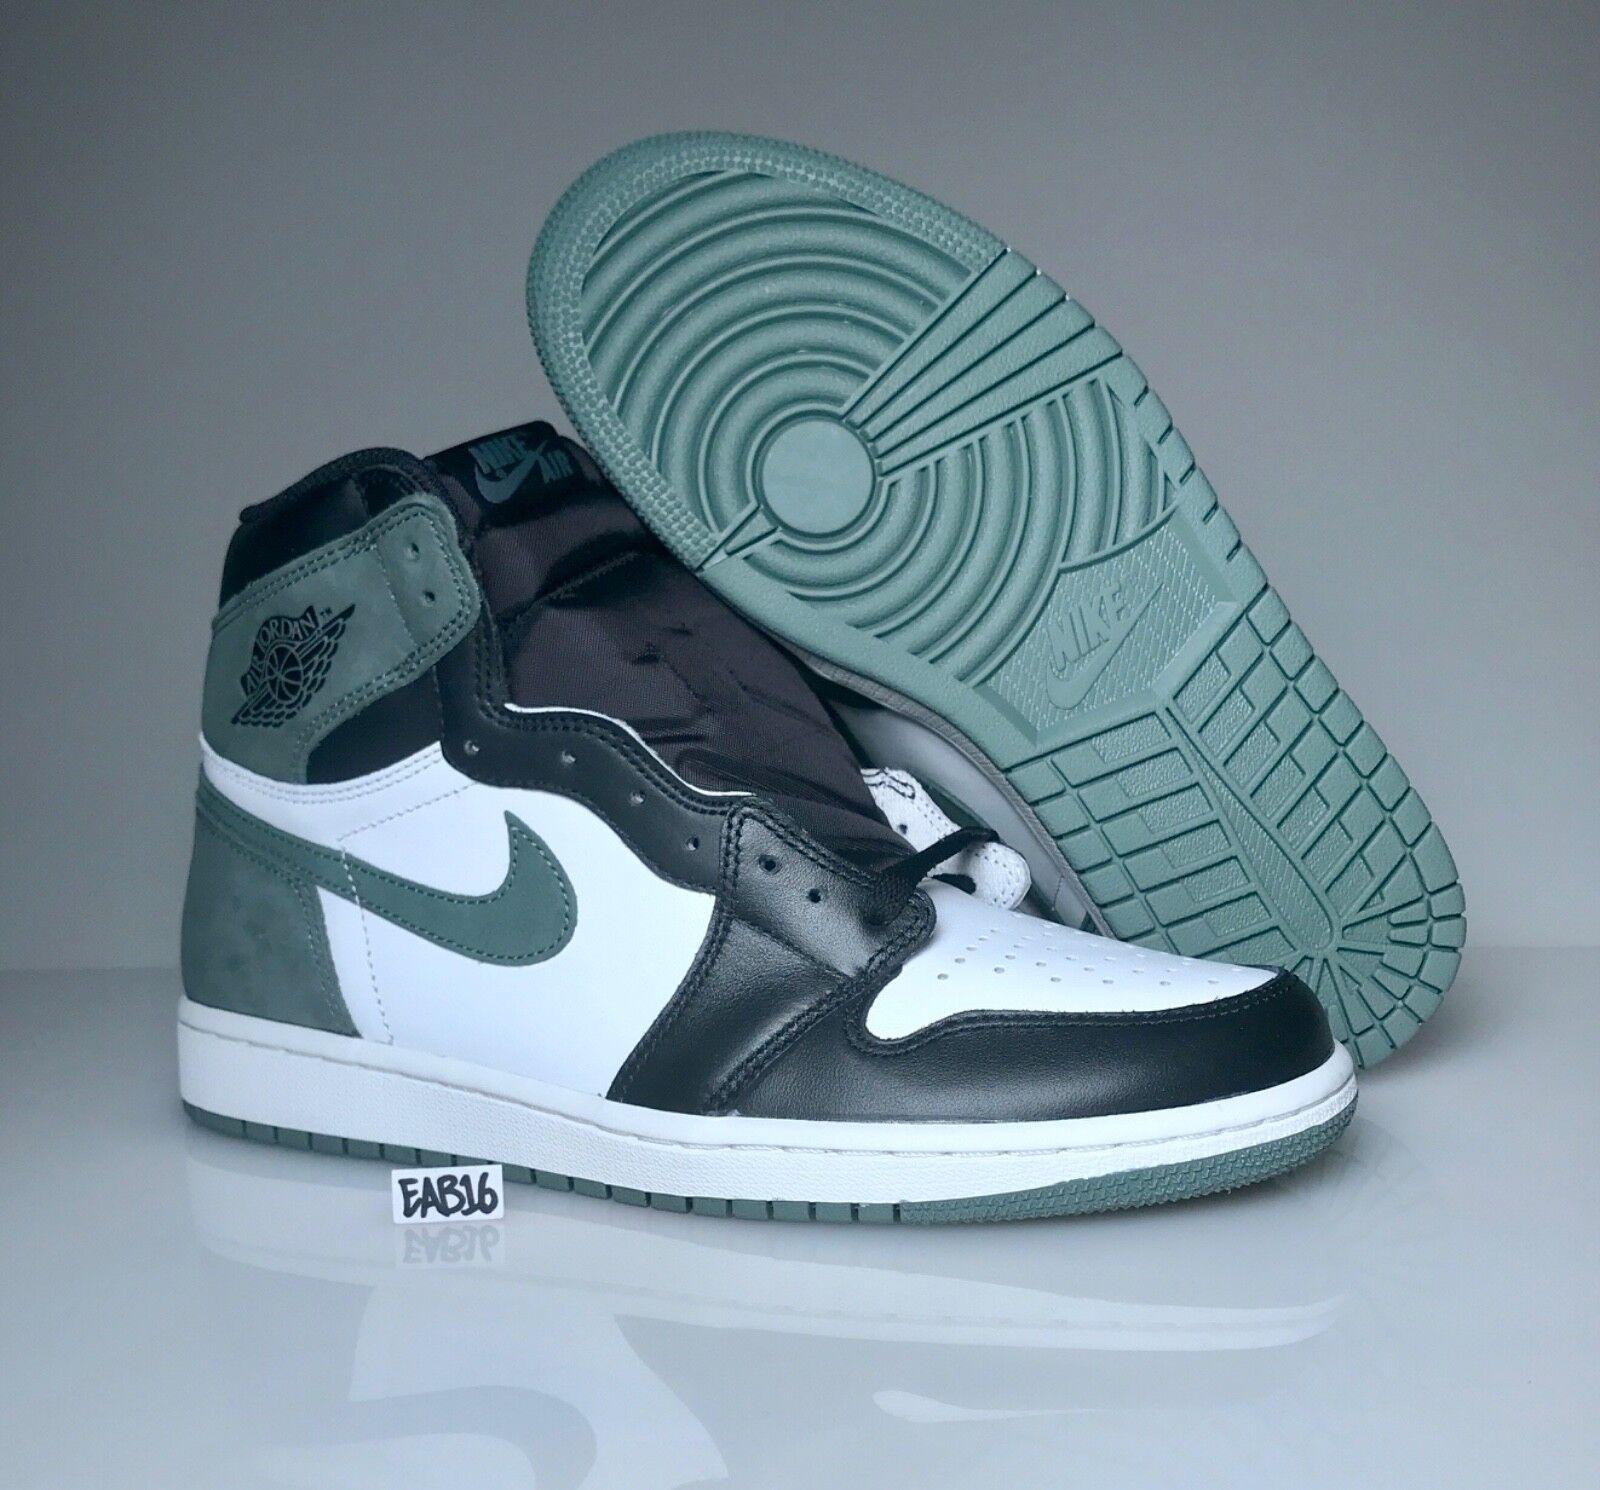 Nike Air Jordan Retro 1 OG Clay Green 555088 135 White Black Best Hand In Game